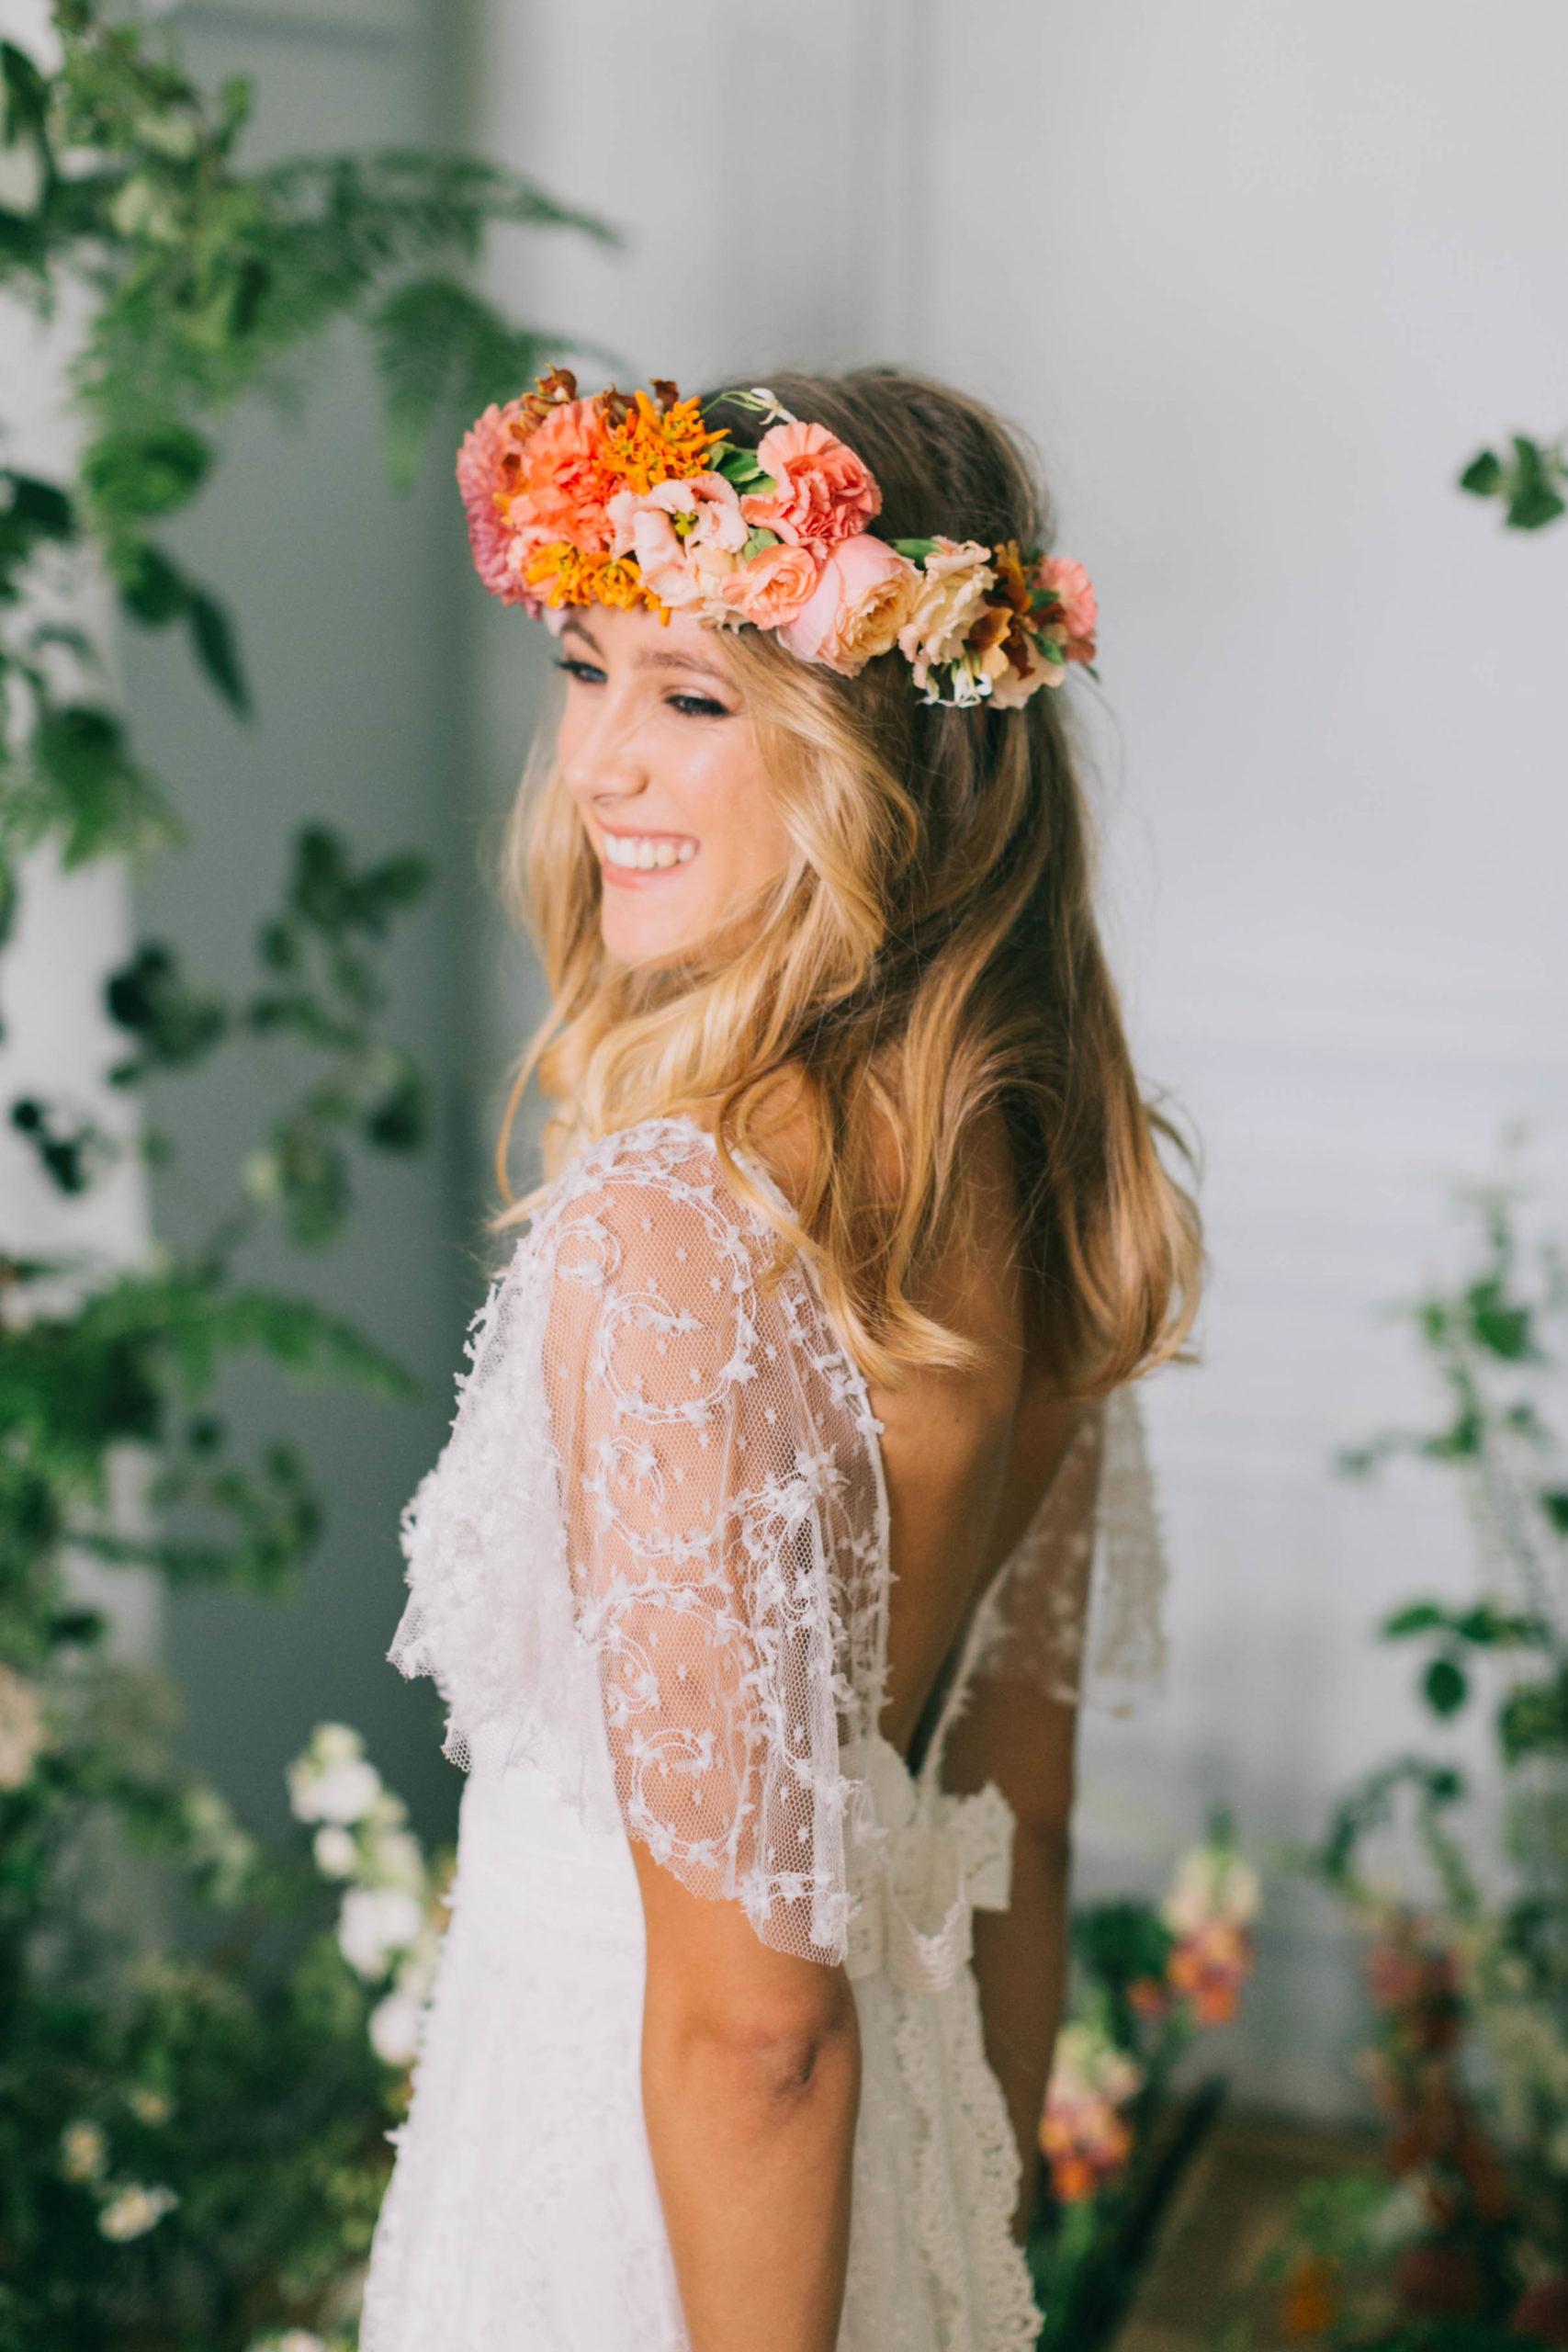 Mariée avec une couronne de fleurs fraîches.